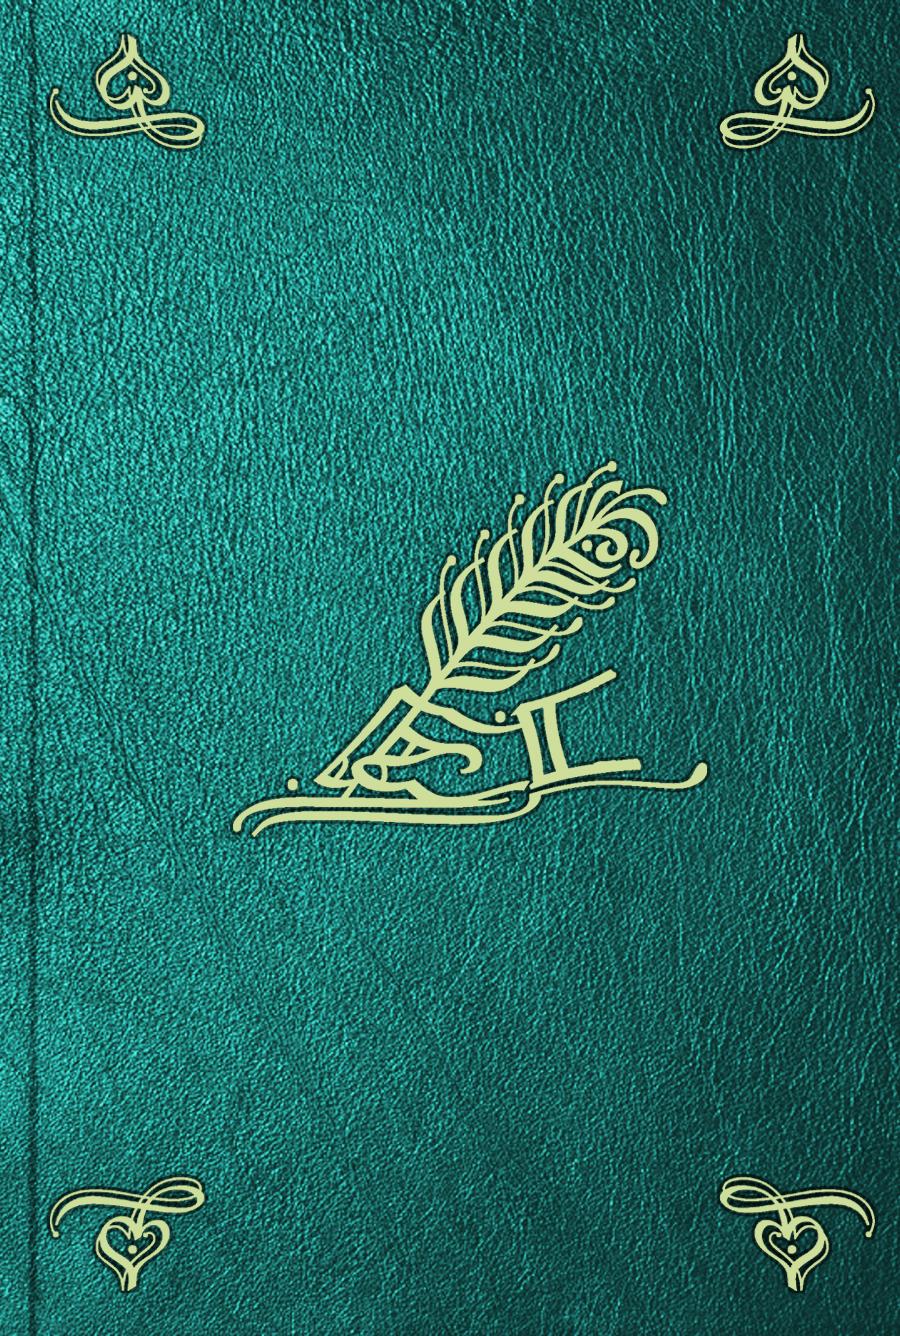 Pierre Nicolas Chantreau Voyage dans les trois royaumes d'Angleterre, d'Ecosse et d'Irlande. T. 1 la rochefoucauld liancourt f 1747 1827 voyage dans les etats unis d amerique fait en 1795 1796 et 1797 volume 1